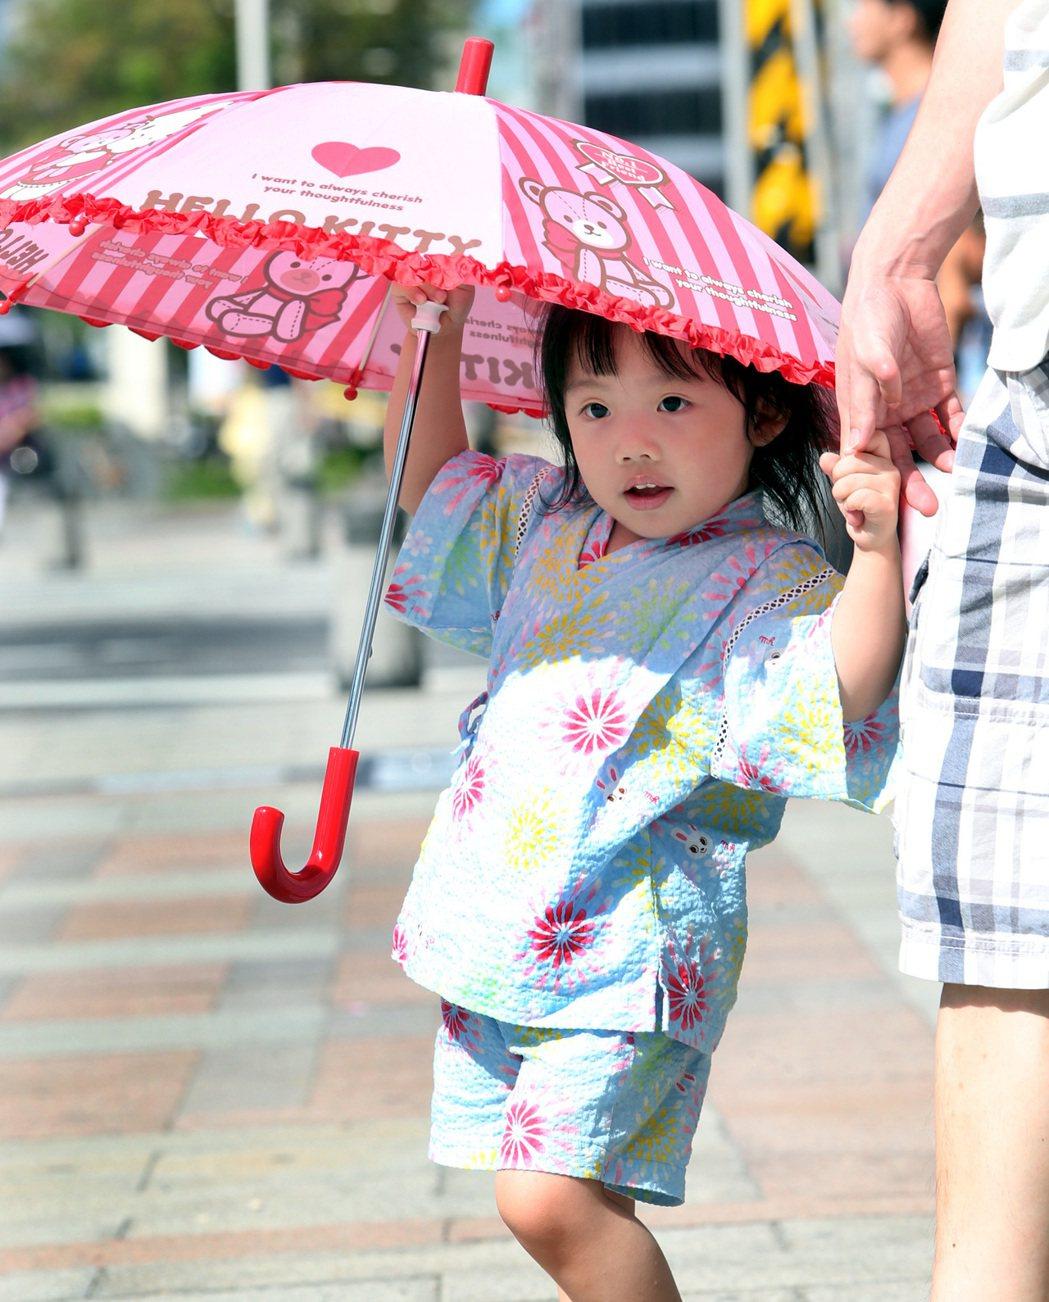 烈日當頭,一名穿著小和服的小娃牽著爸爸手撐傘遮陽。記者侯永全/攝影